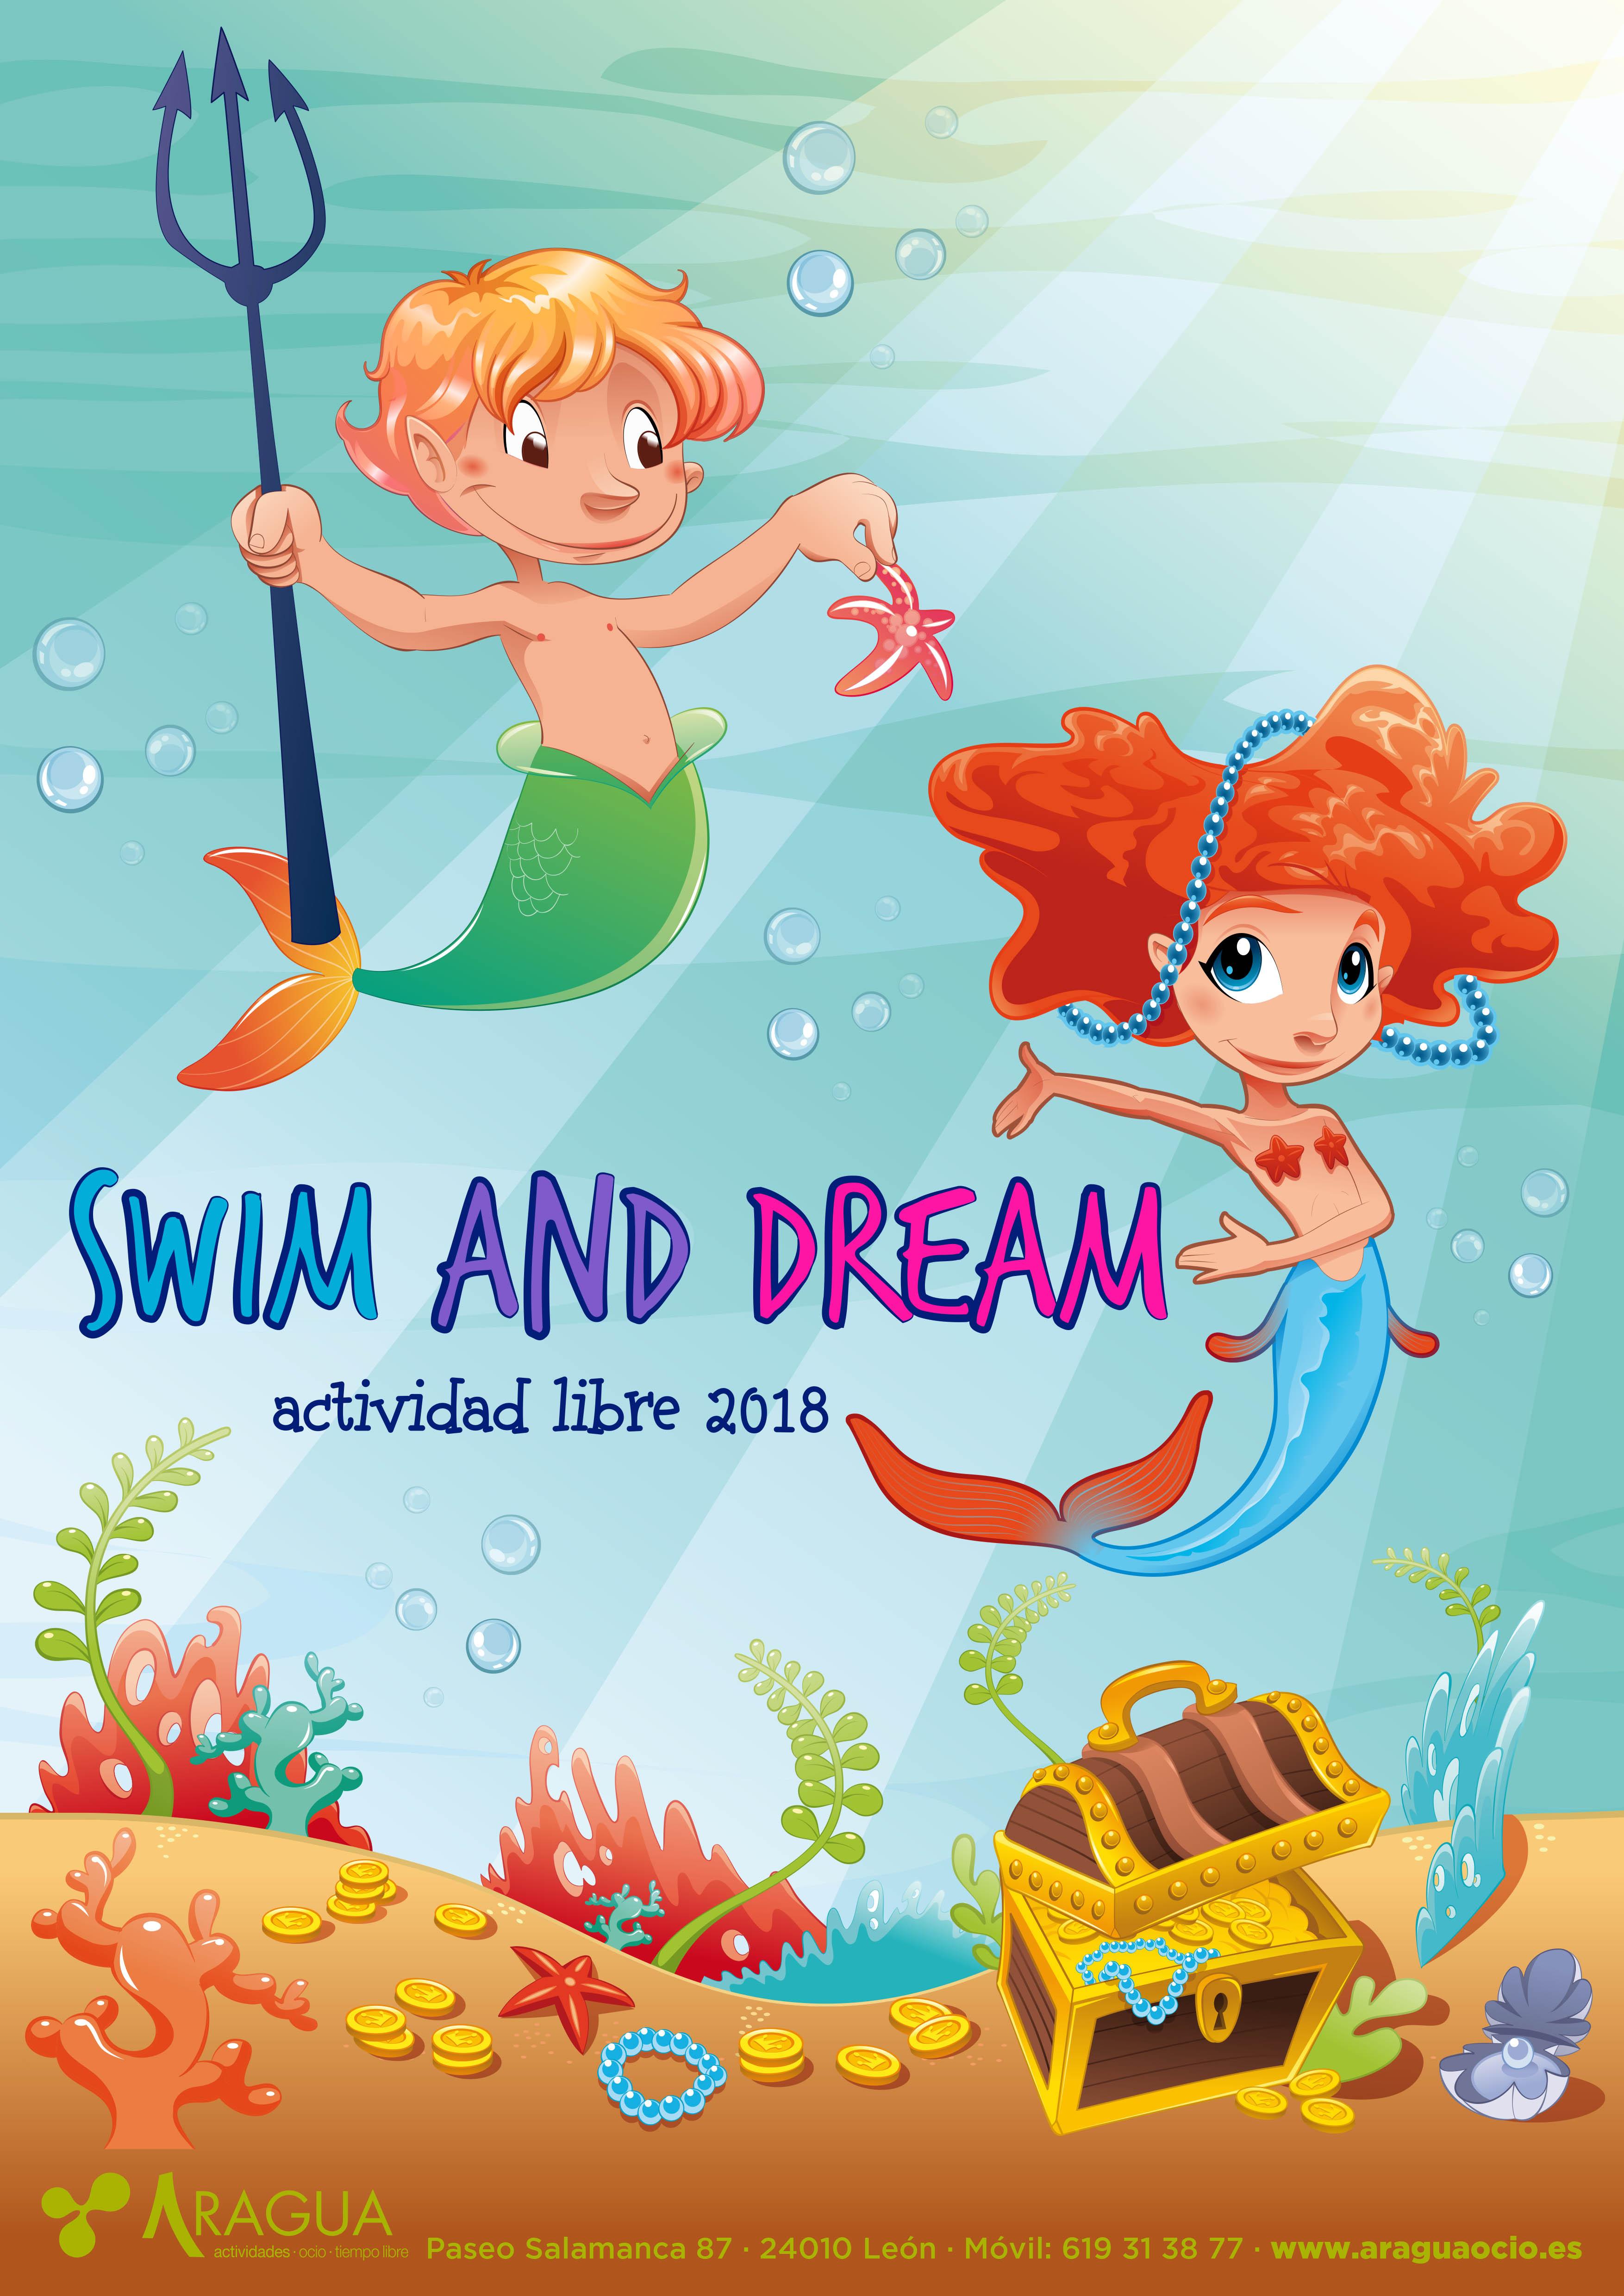 Actividades Verano 2018. Swim and Dream